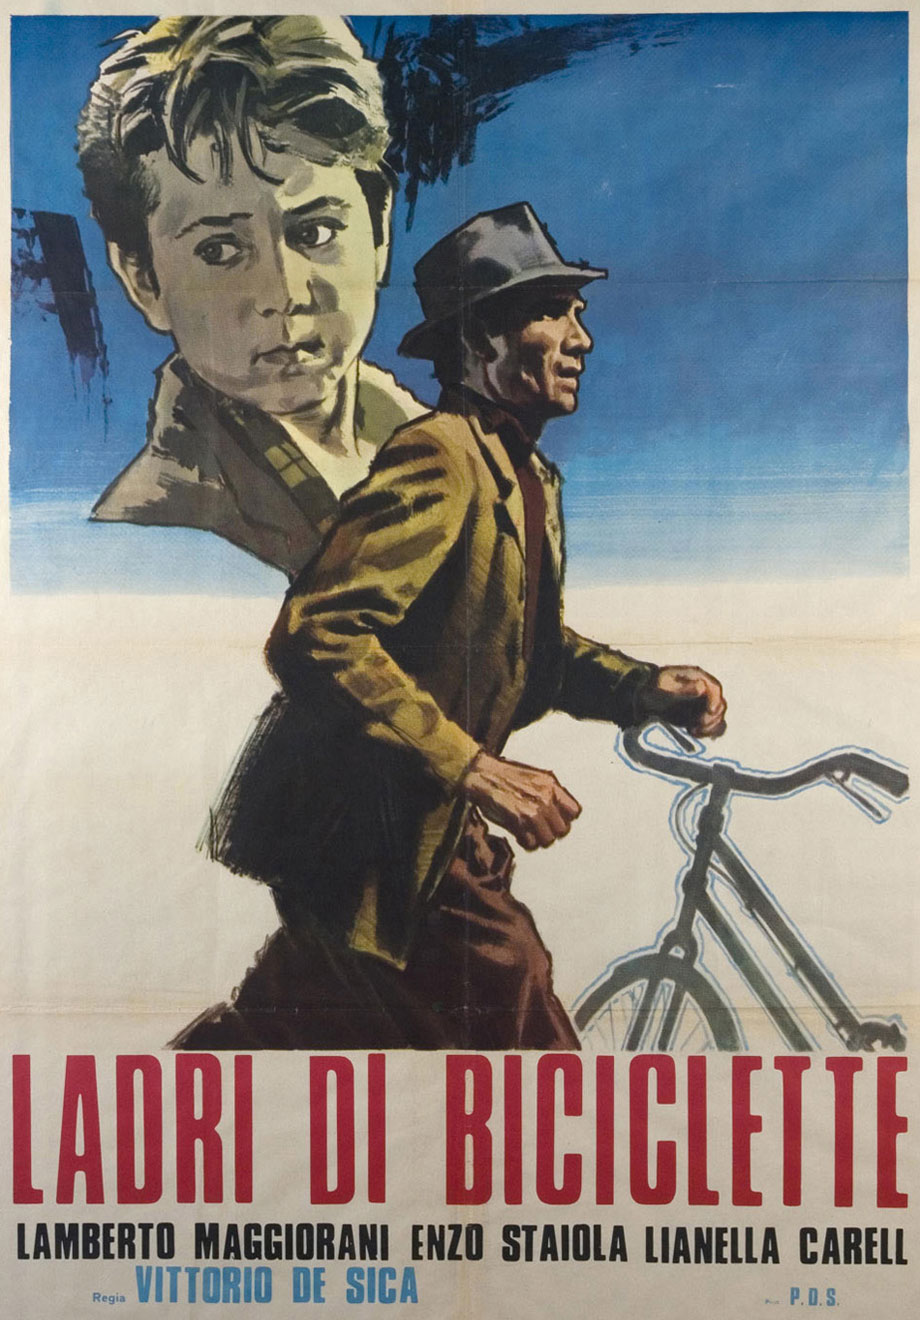 ladri di biciclette Se venisse approvata, sarebbe la prima normativa nazionale del suo genere  contro i ladri di biciclette: dopo anni di silenzio sull'argomento c'è.